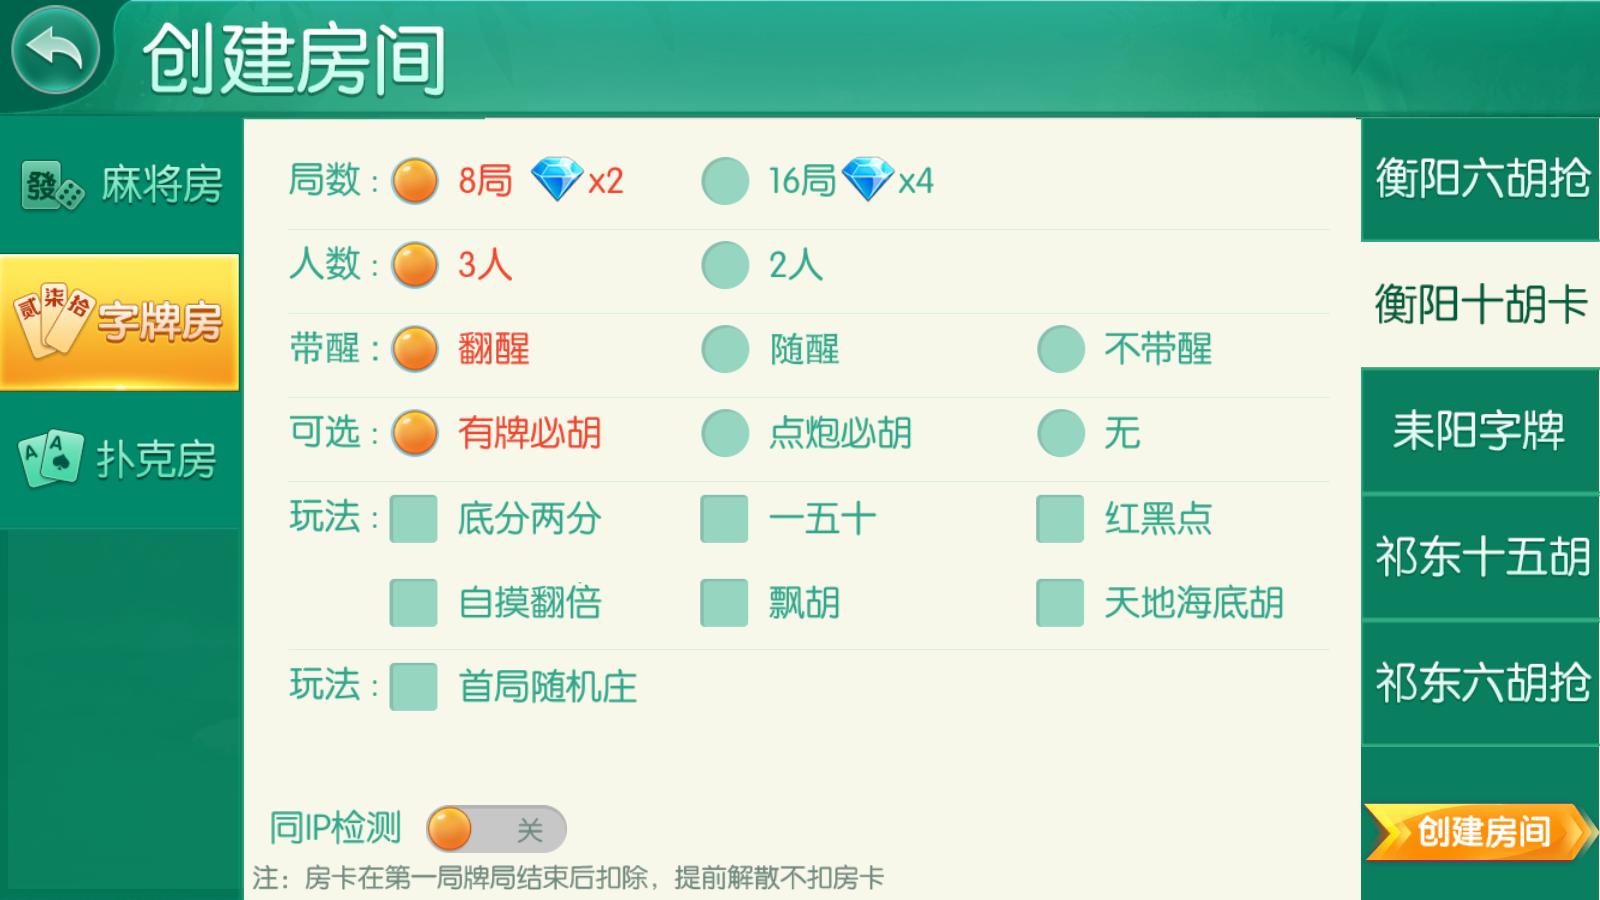 网狐二开跑胡子合集 麻将游戏 字牌游戏 扑克游戏 完整整理-第15张